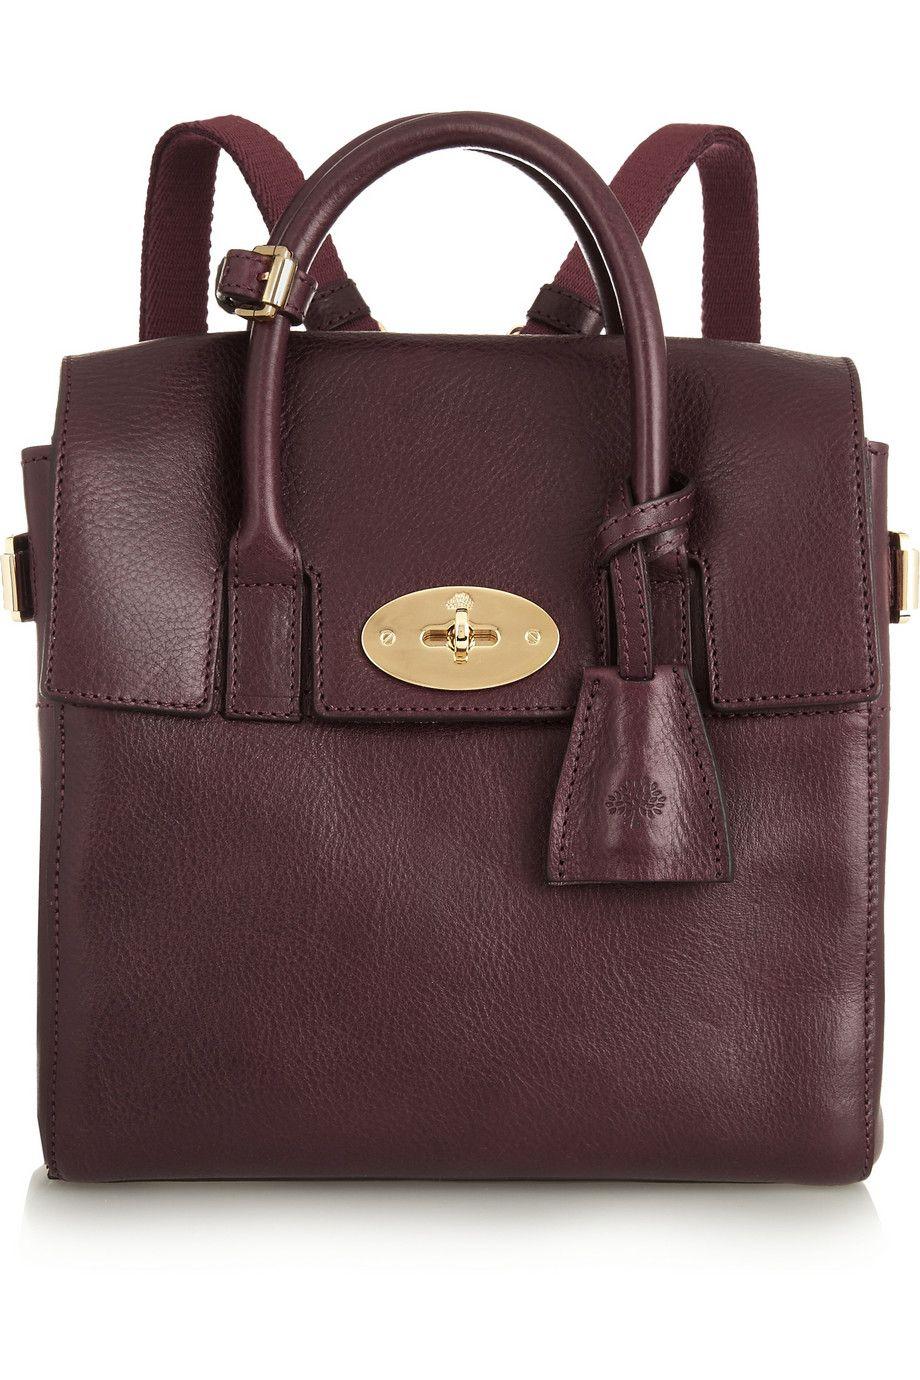 Mulberry  cara Delevingne  Tote - Fashion Clinic - Farfetch.com ... 2e41b7e41a60c